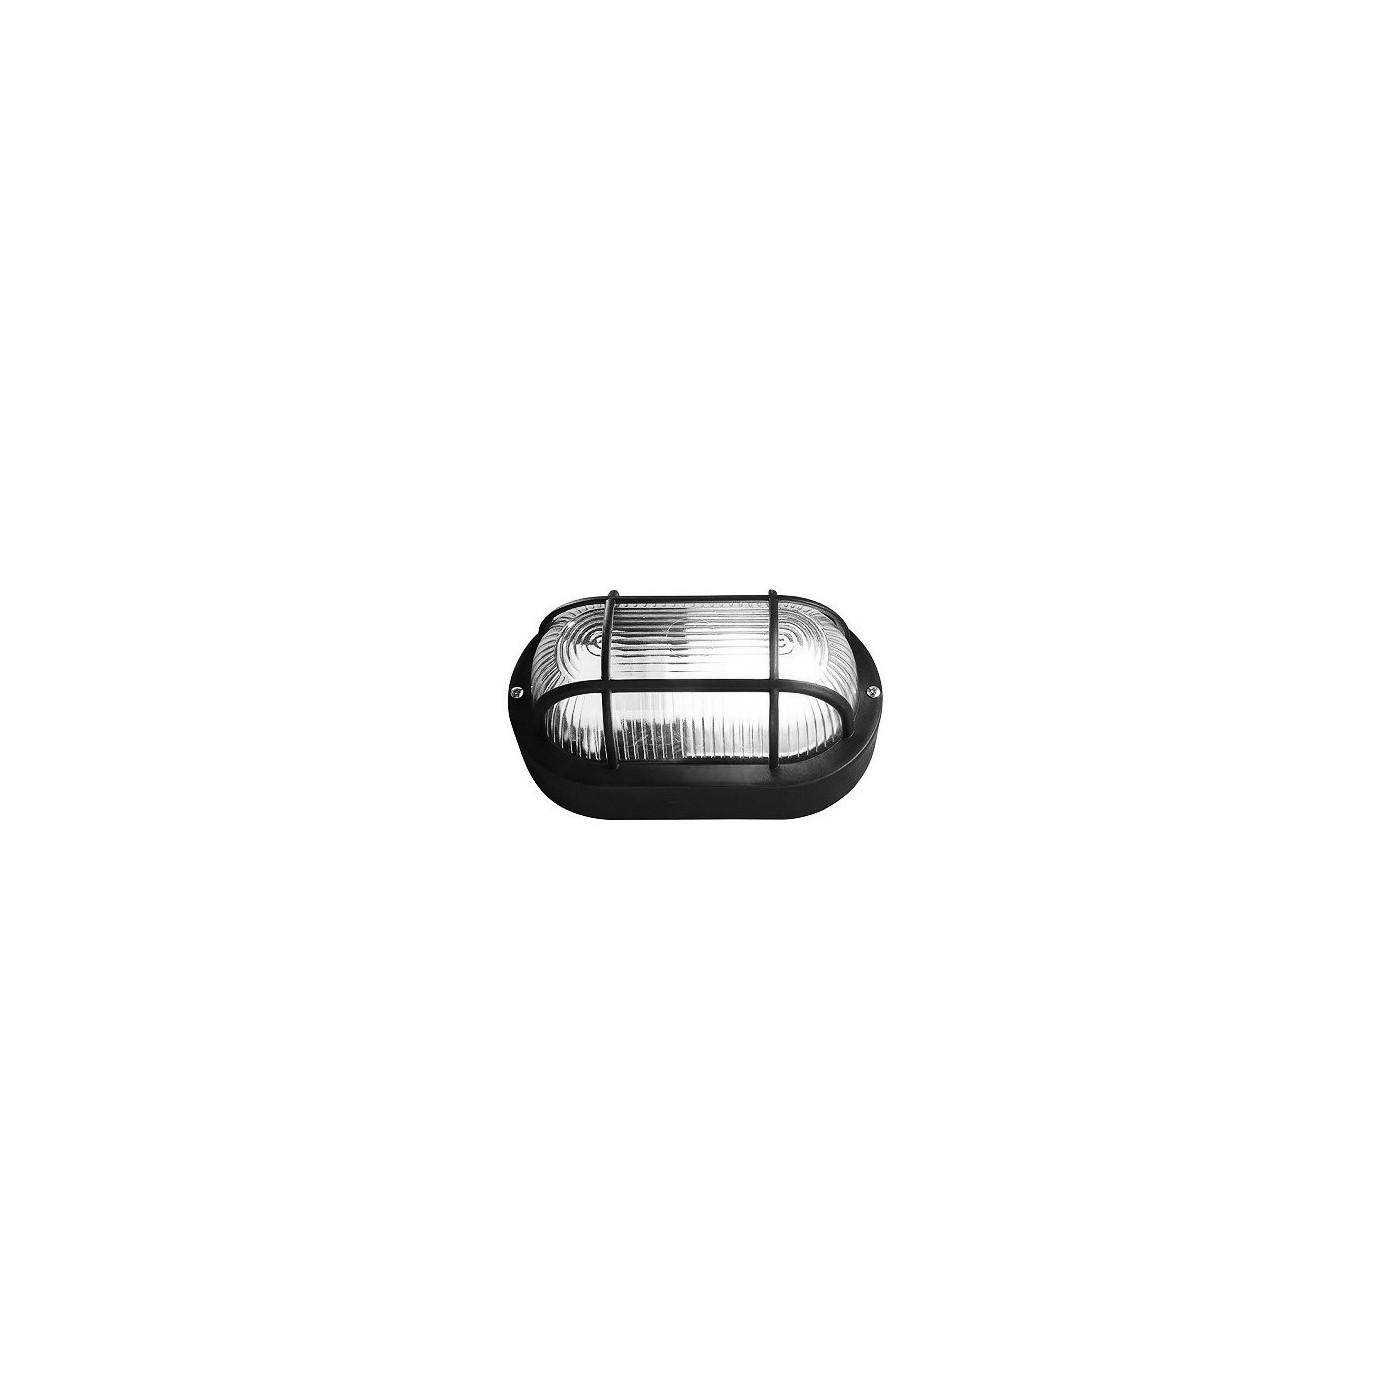 Bullseye (Bulleye) Lampe (schwarz, E27, Industrial Look